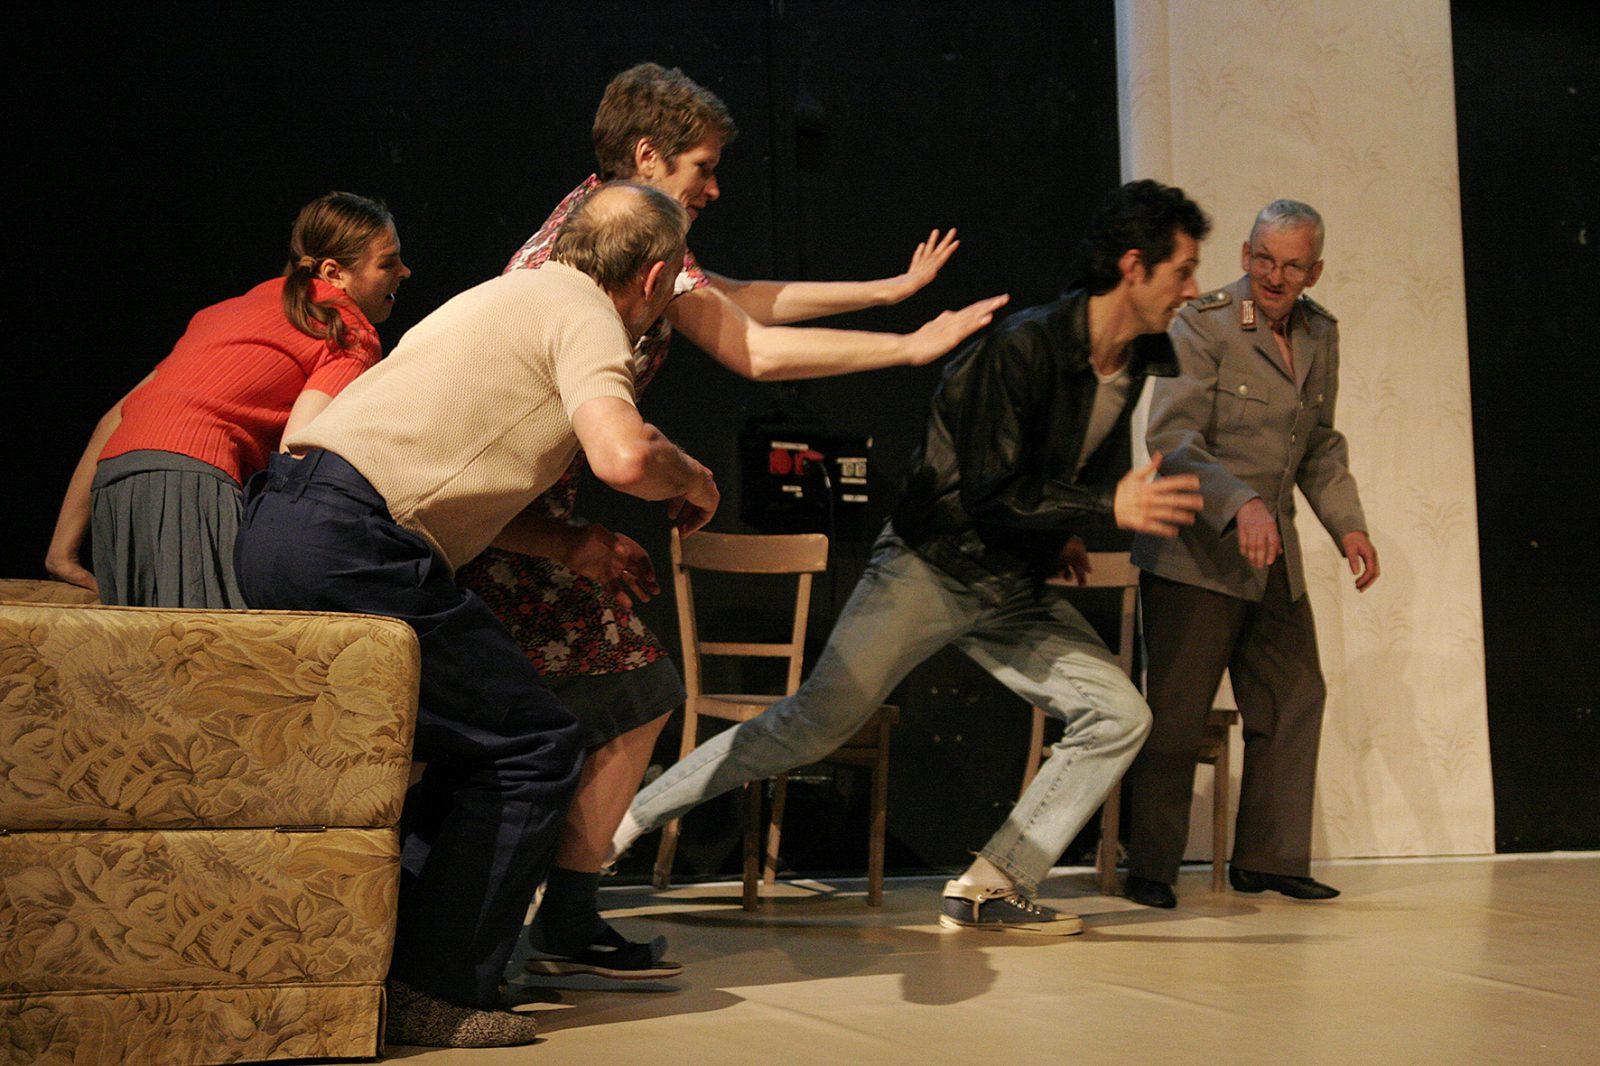 eine Gruppe von TänzerInnen rennt von einem Sofa weg